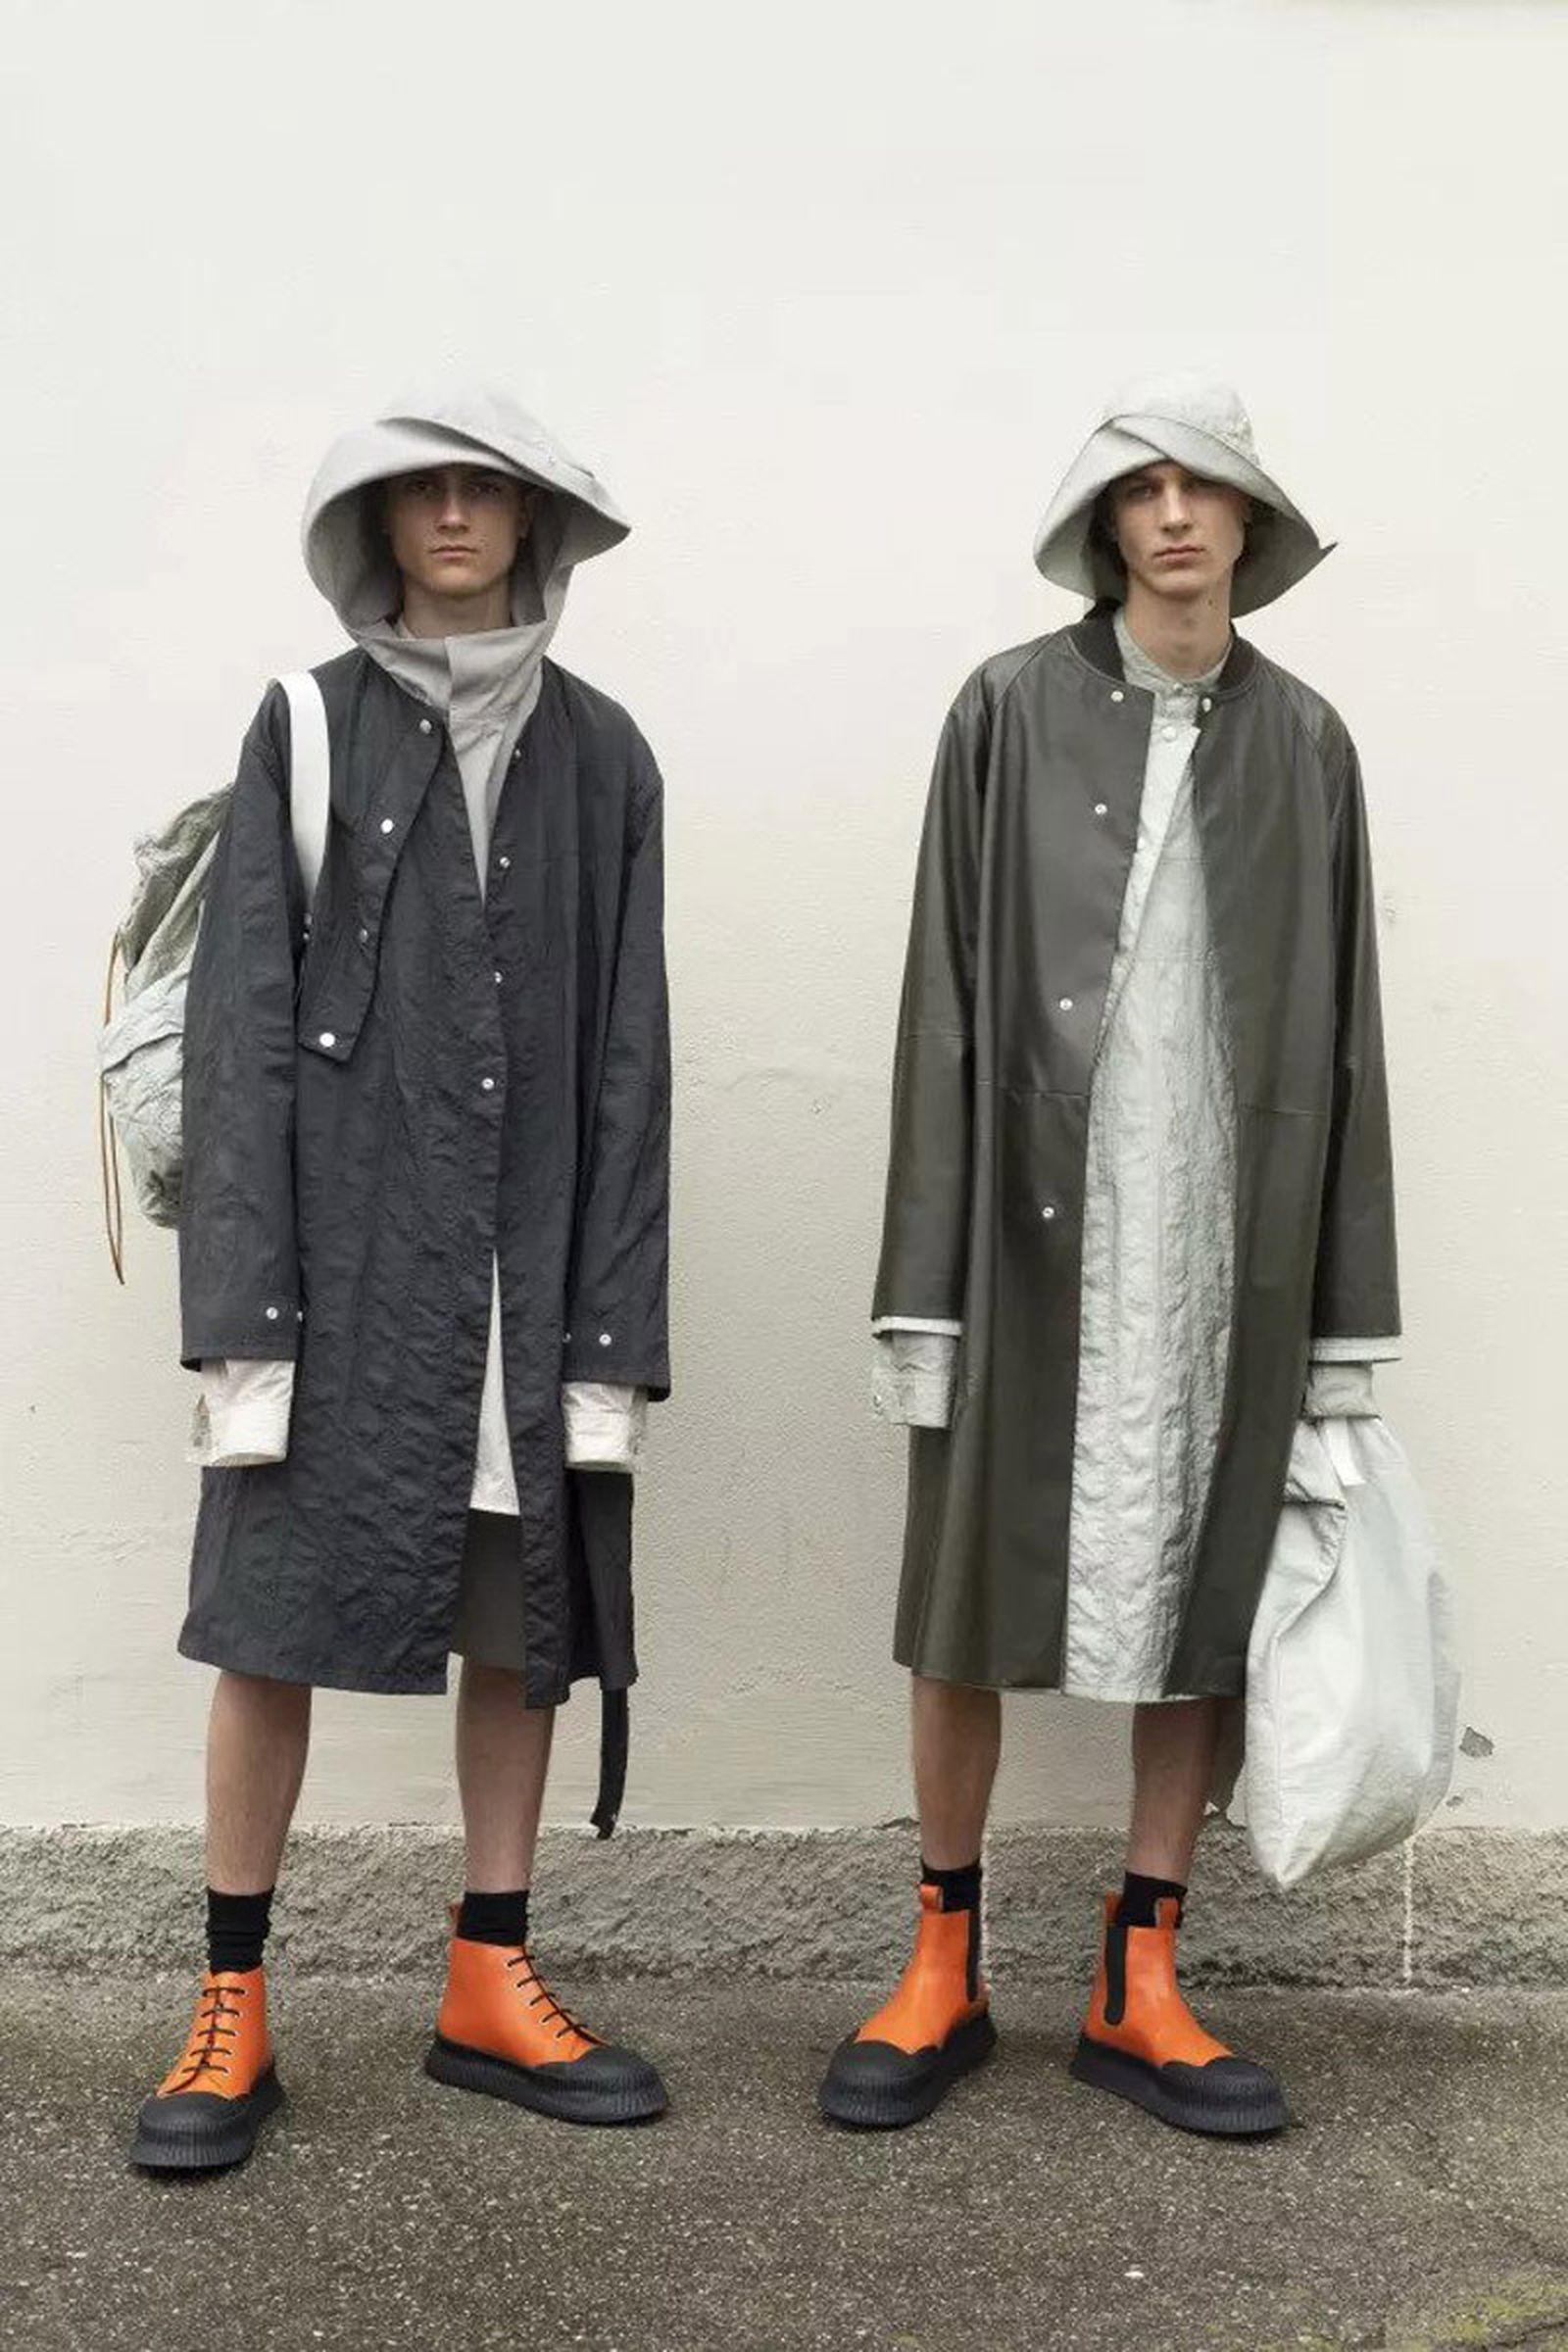 german clothing brands jil sander german clothing brands jil sander4 023c Adidas Boulezar